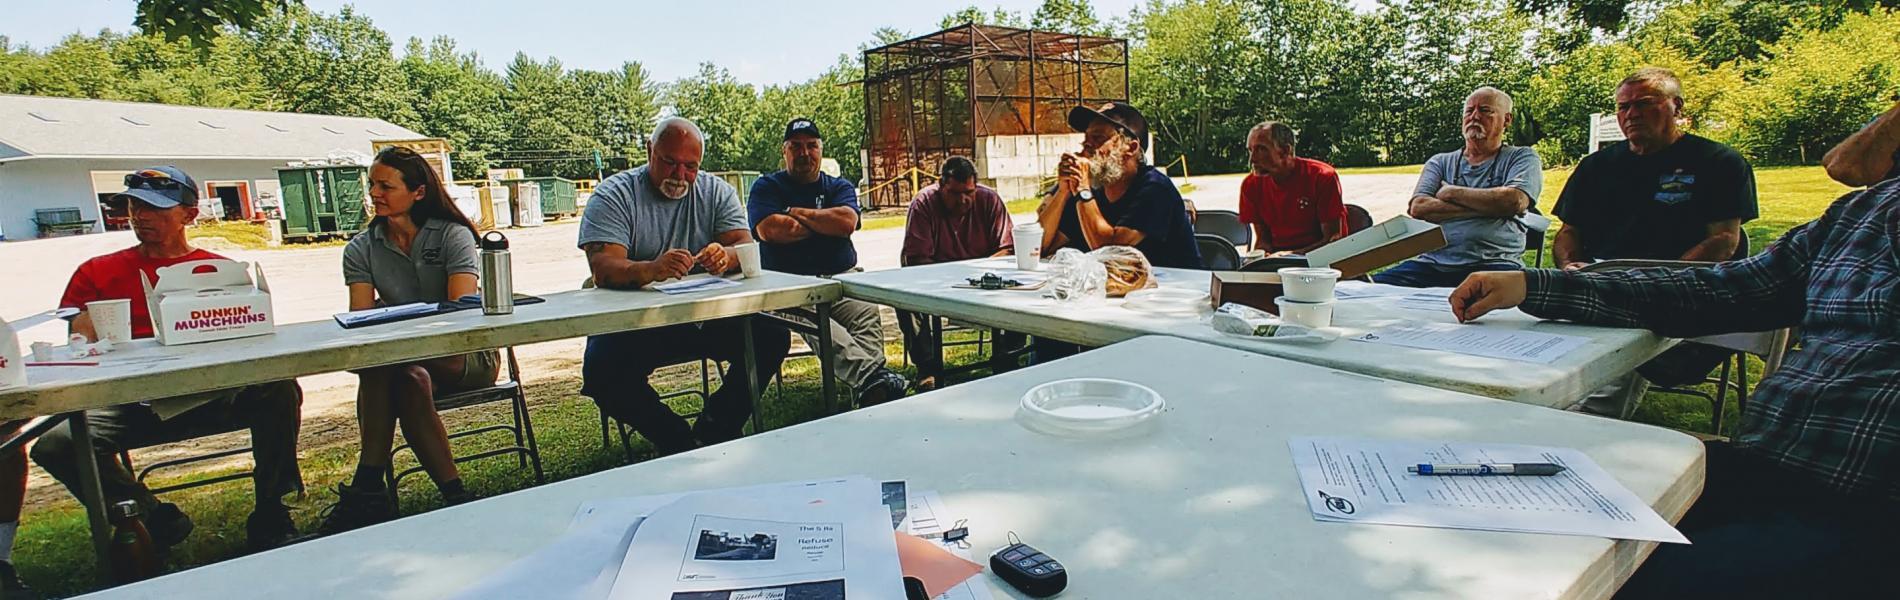 outside NRRA members meeting